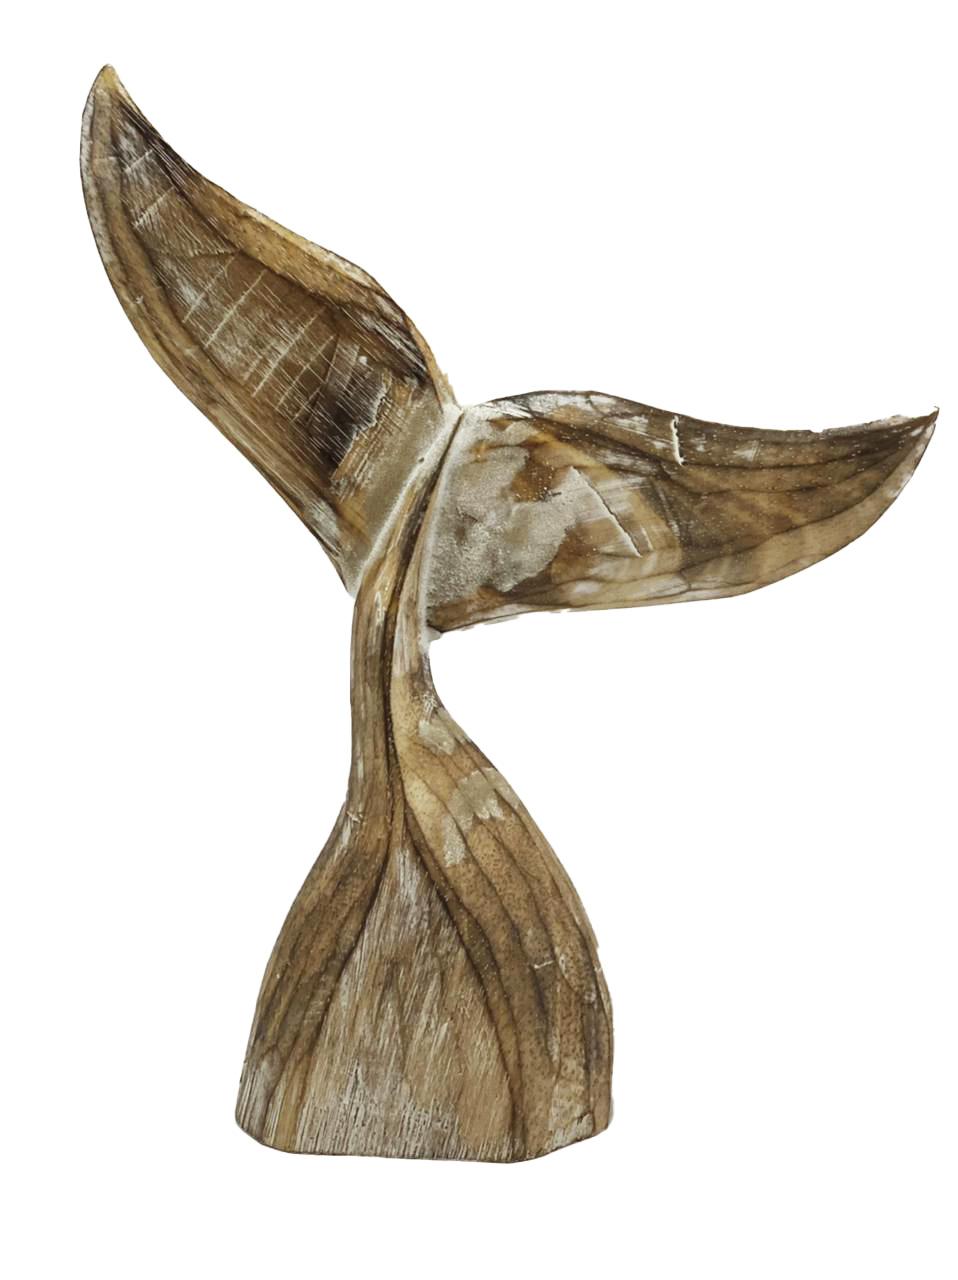 Escultura Cauda de Baleia em Madeira Albésia (de Reflorestamento) em Pátina Natural ( 30cm )